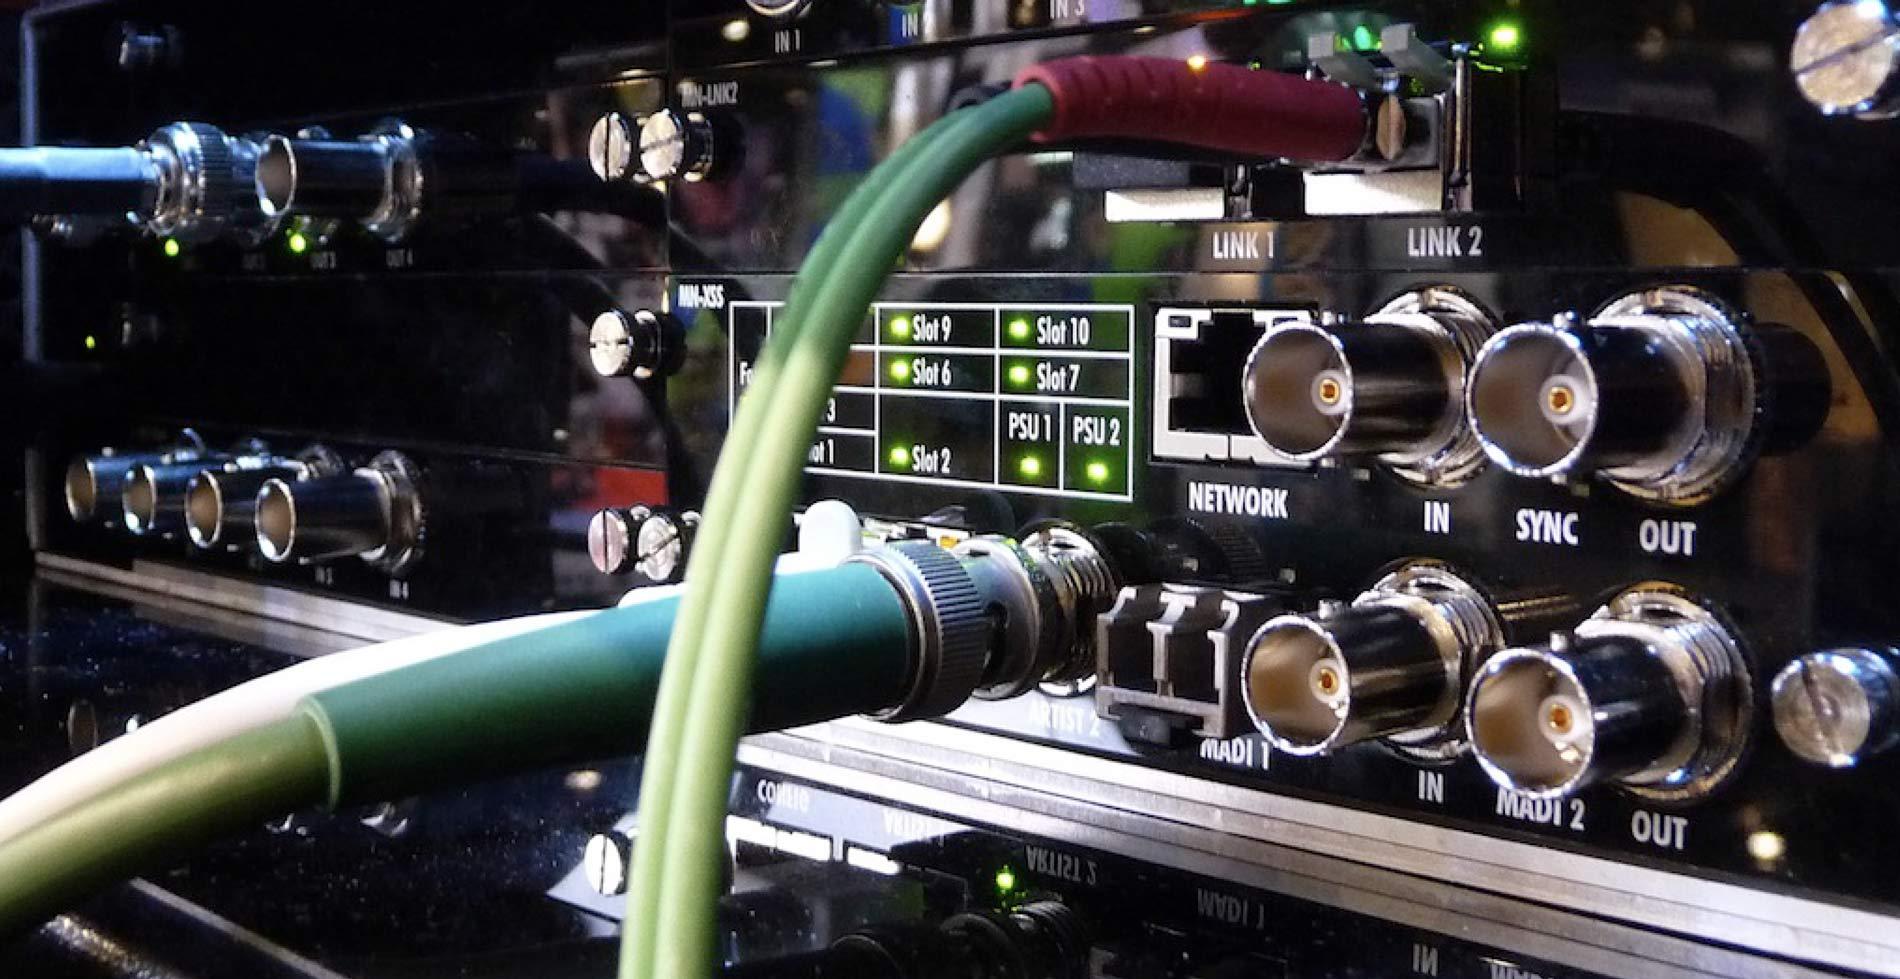 alquiler y servicio audiovisual,equipos de sonido,video,iluminación, informática, estructuras y creación de contenidos,audiovisual